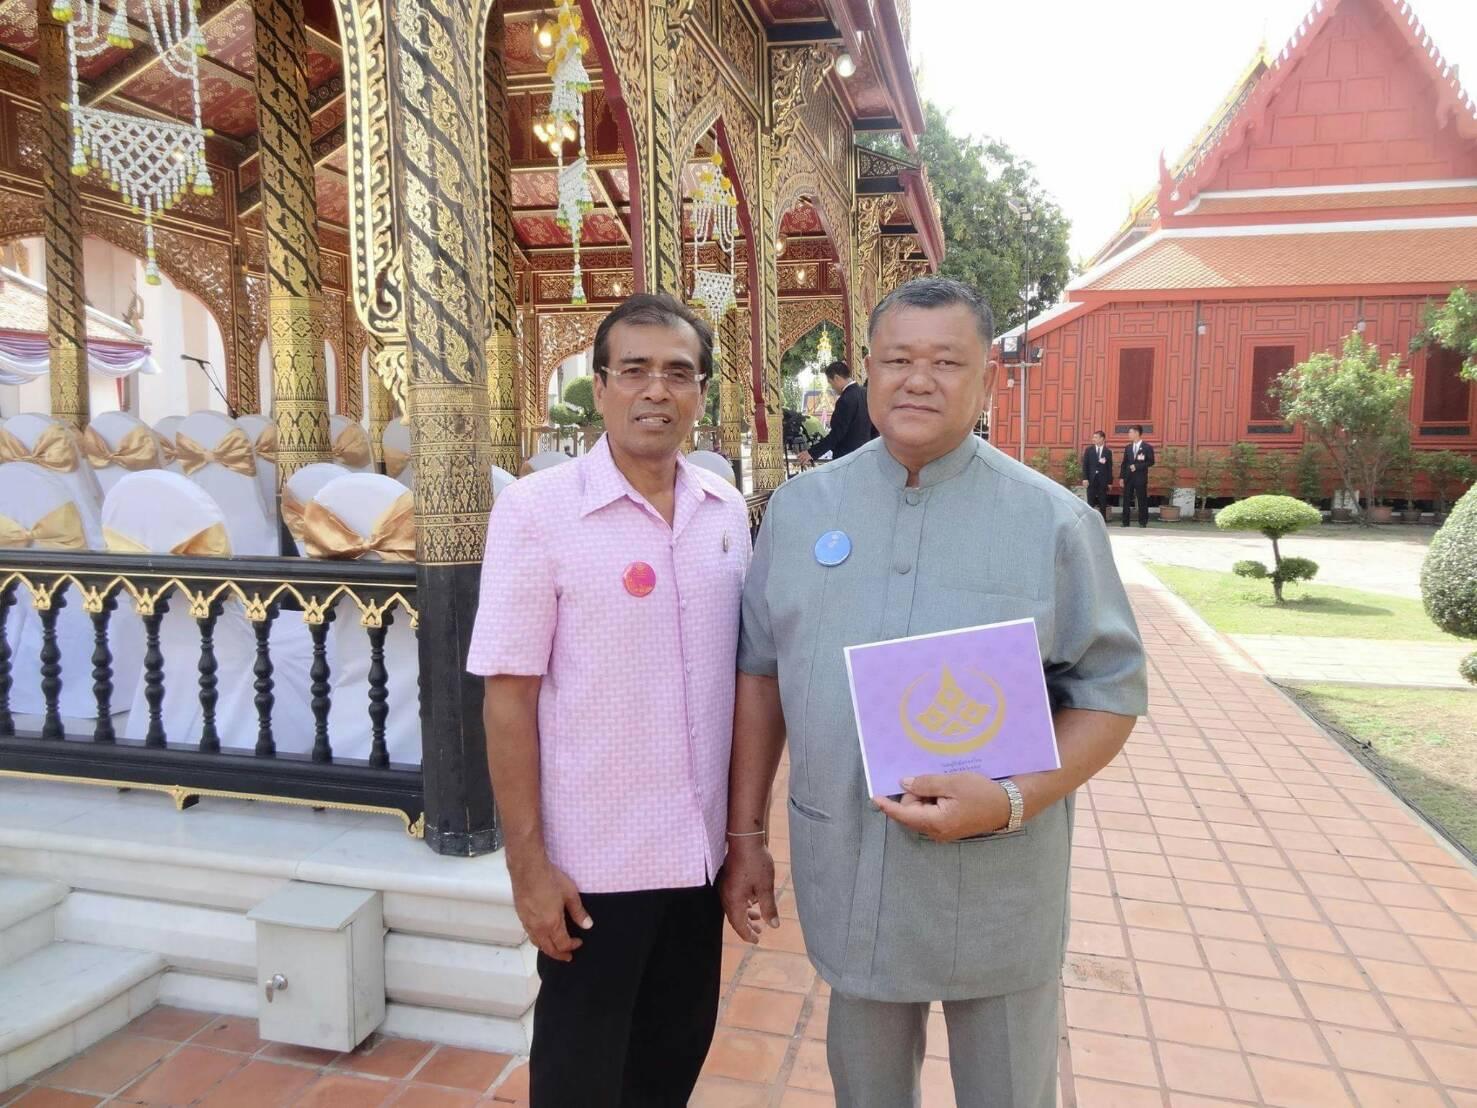 เข้ารับพระราชทานเข็มเกียรติคุณวันอนุรักษ์มรดกไทย พุทธศักราช ๒๕๕๙ วันที่ ๒๐ พฤษภาคม ๒๕๕๙